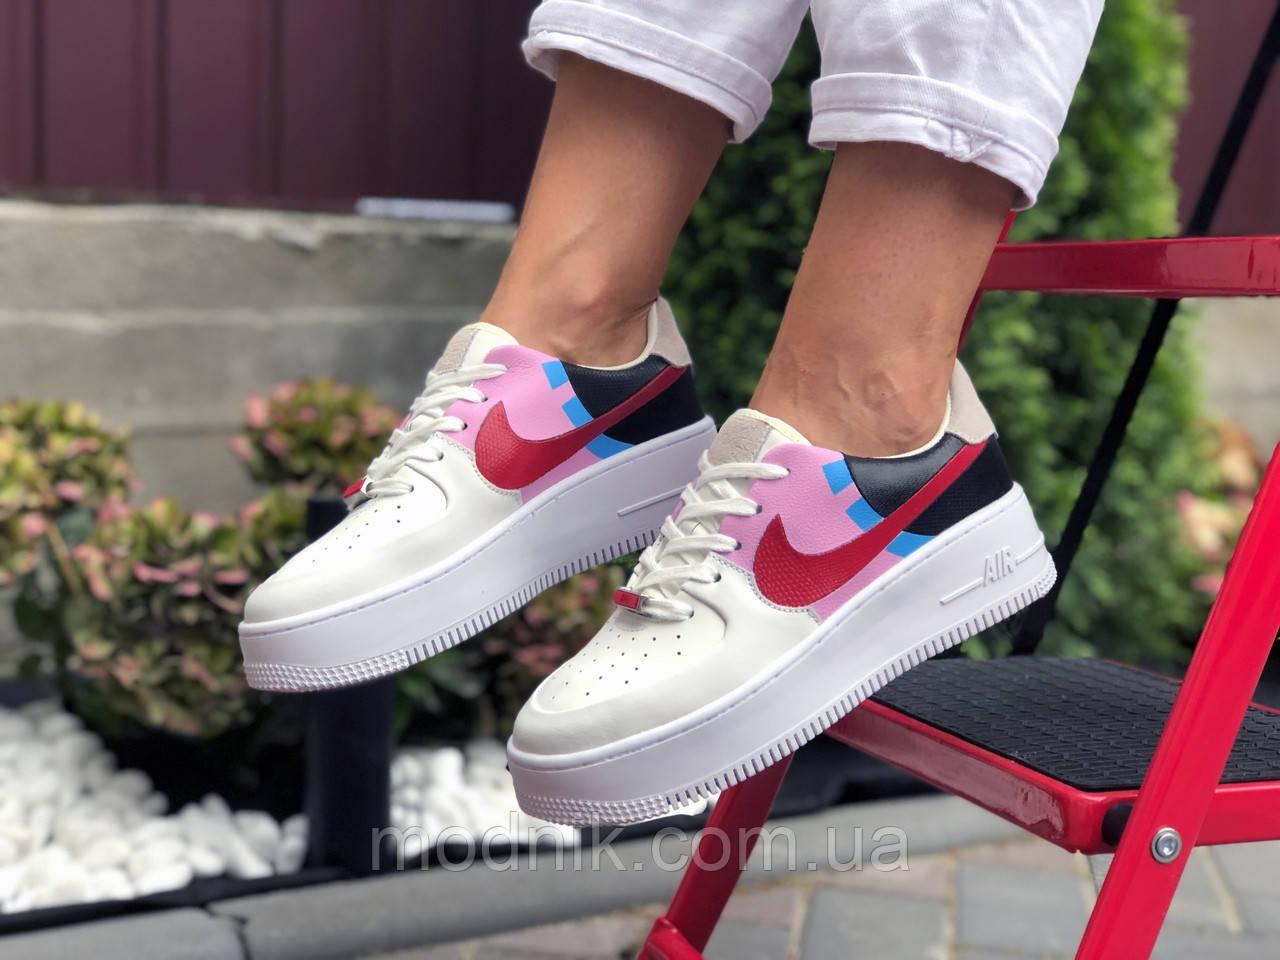 Женские кроссовки Nike Air Force 1 (бело-бежевые с розовым) 9675